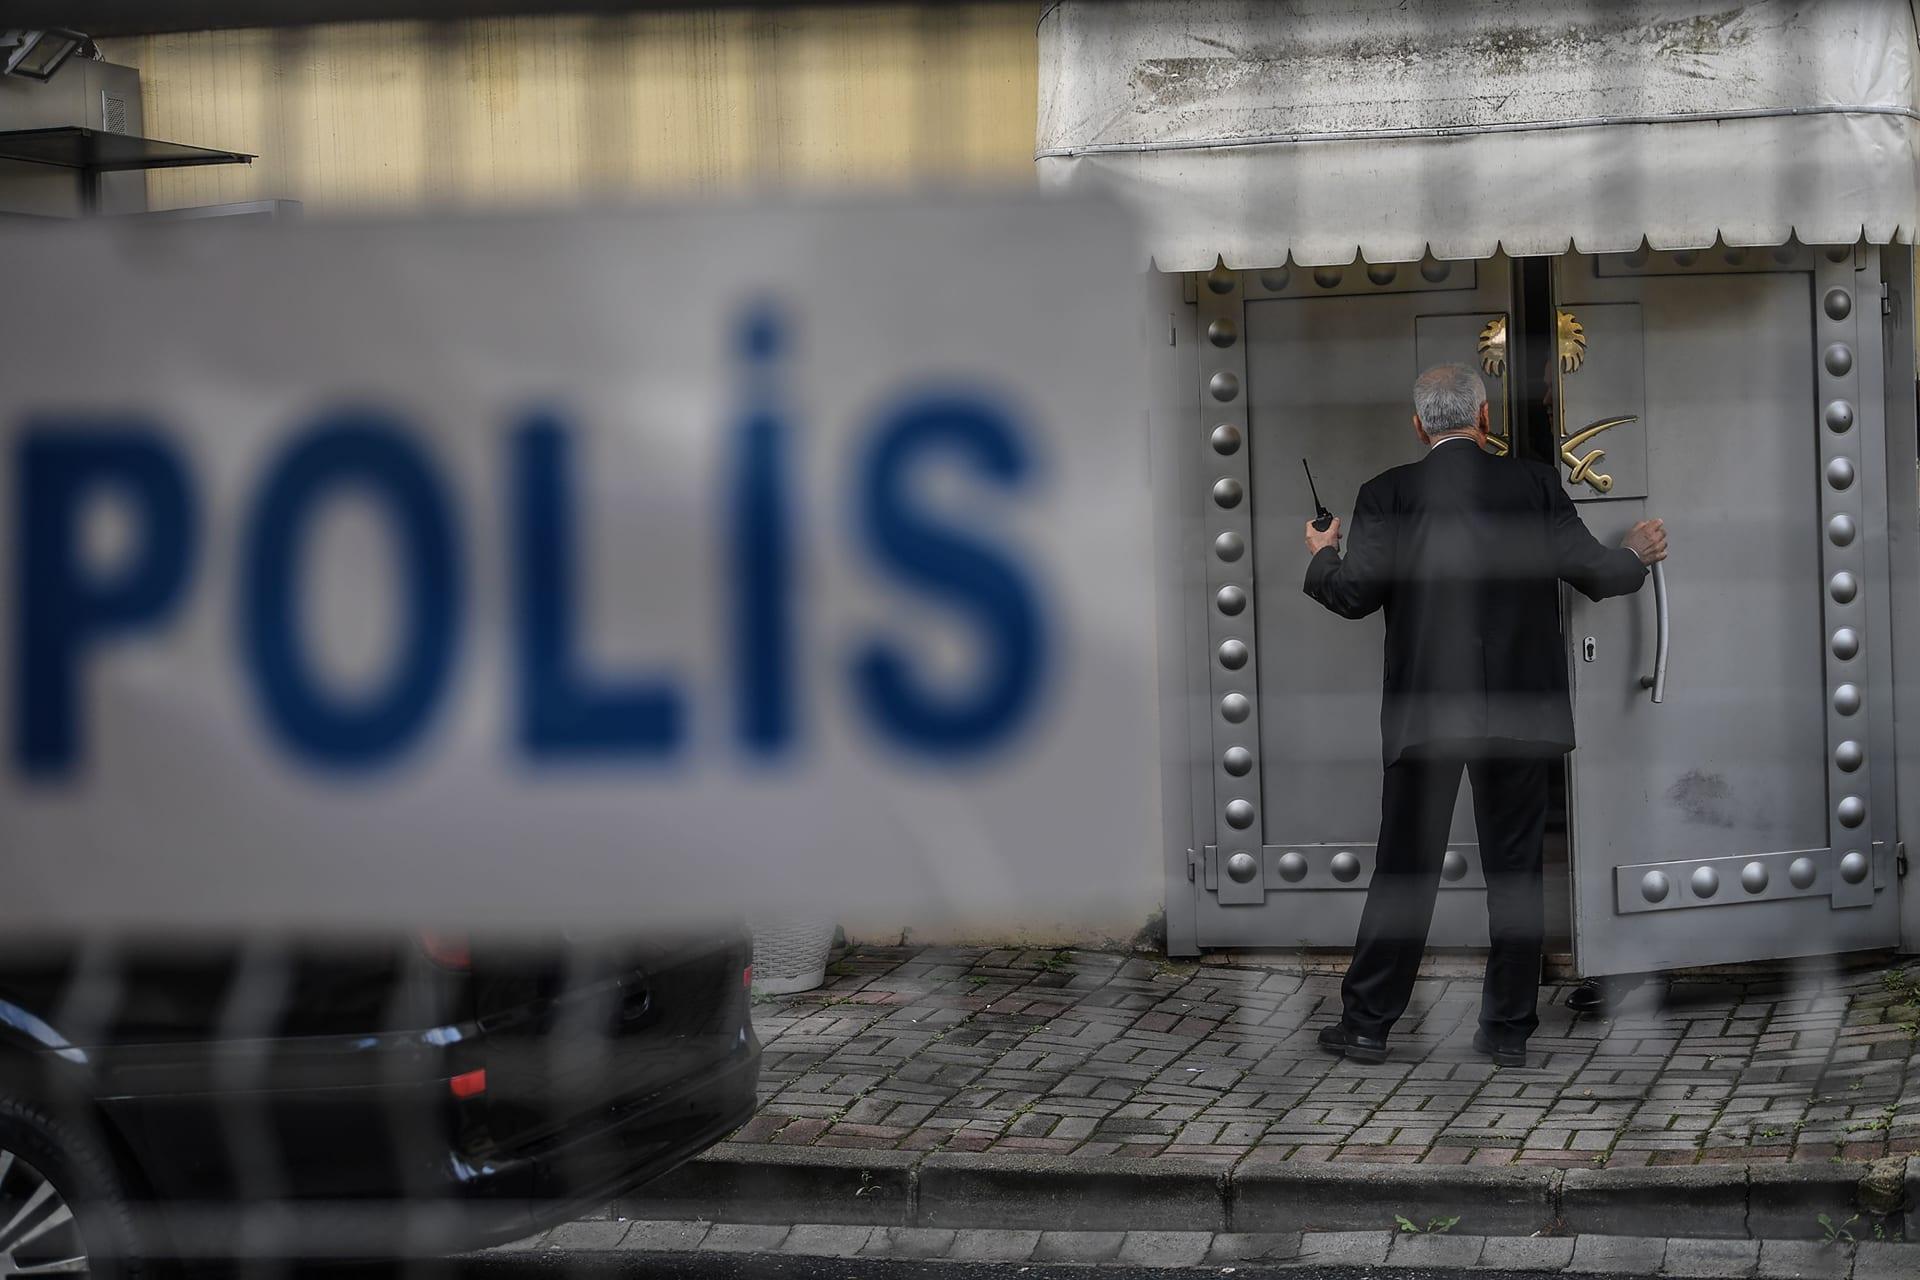 متحدث الحزب الحاكم بتركيا: مقتل خاشقجي هو جريمة معقدة للغاية